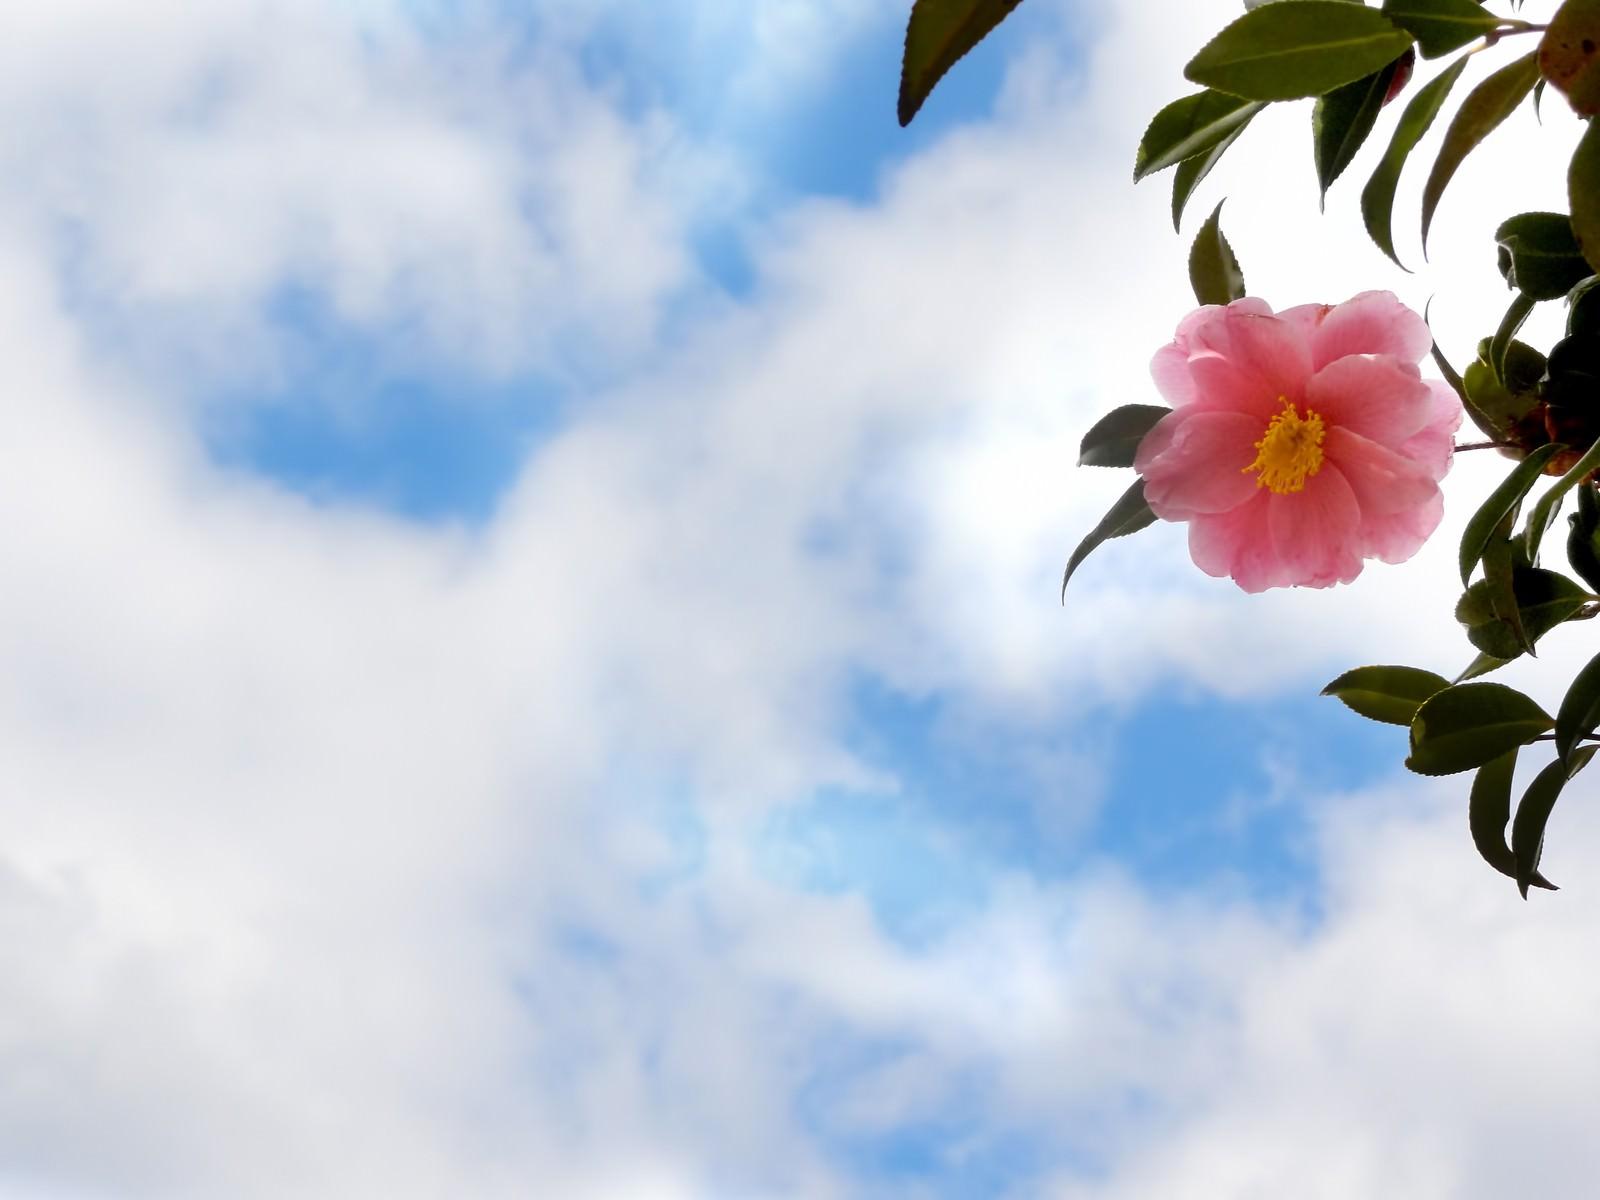 「つばき花 無料画像」の画像検索結果